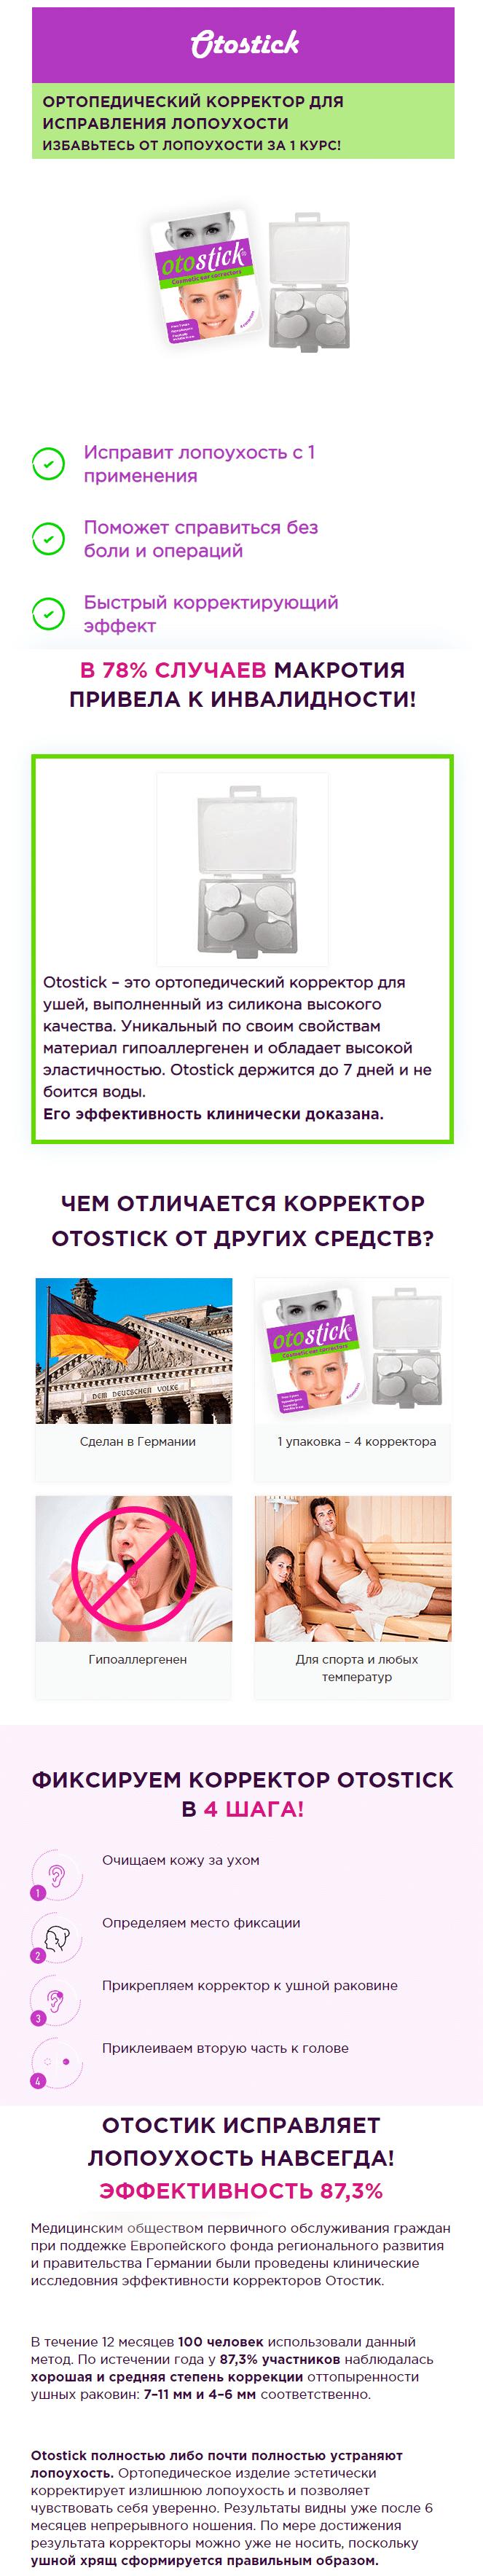 Otostick (Отостик) корректор для ушей купить